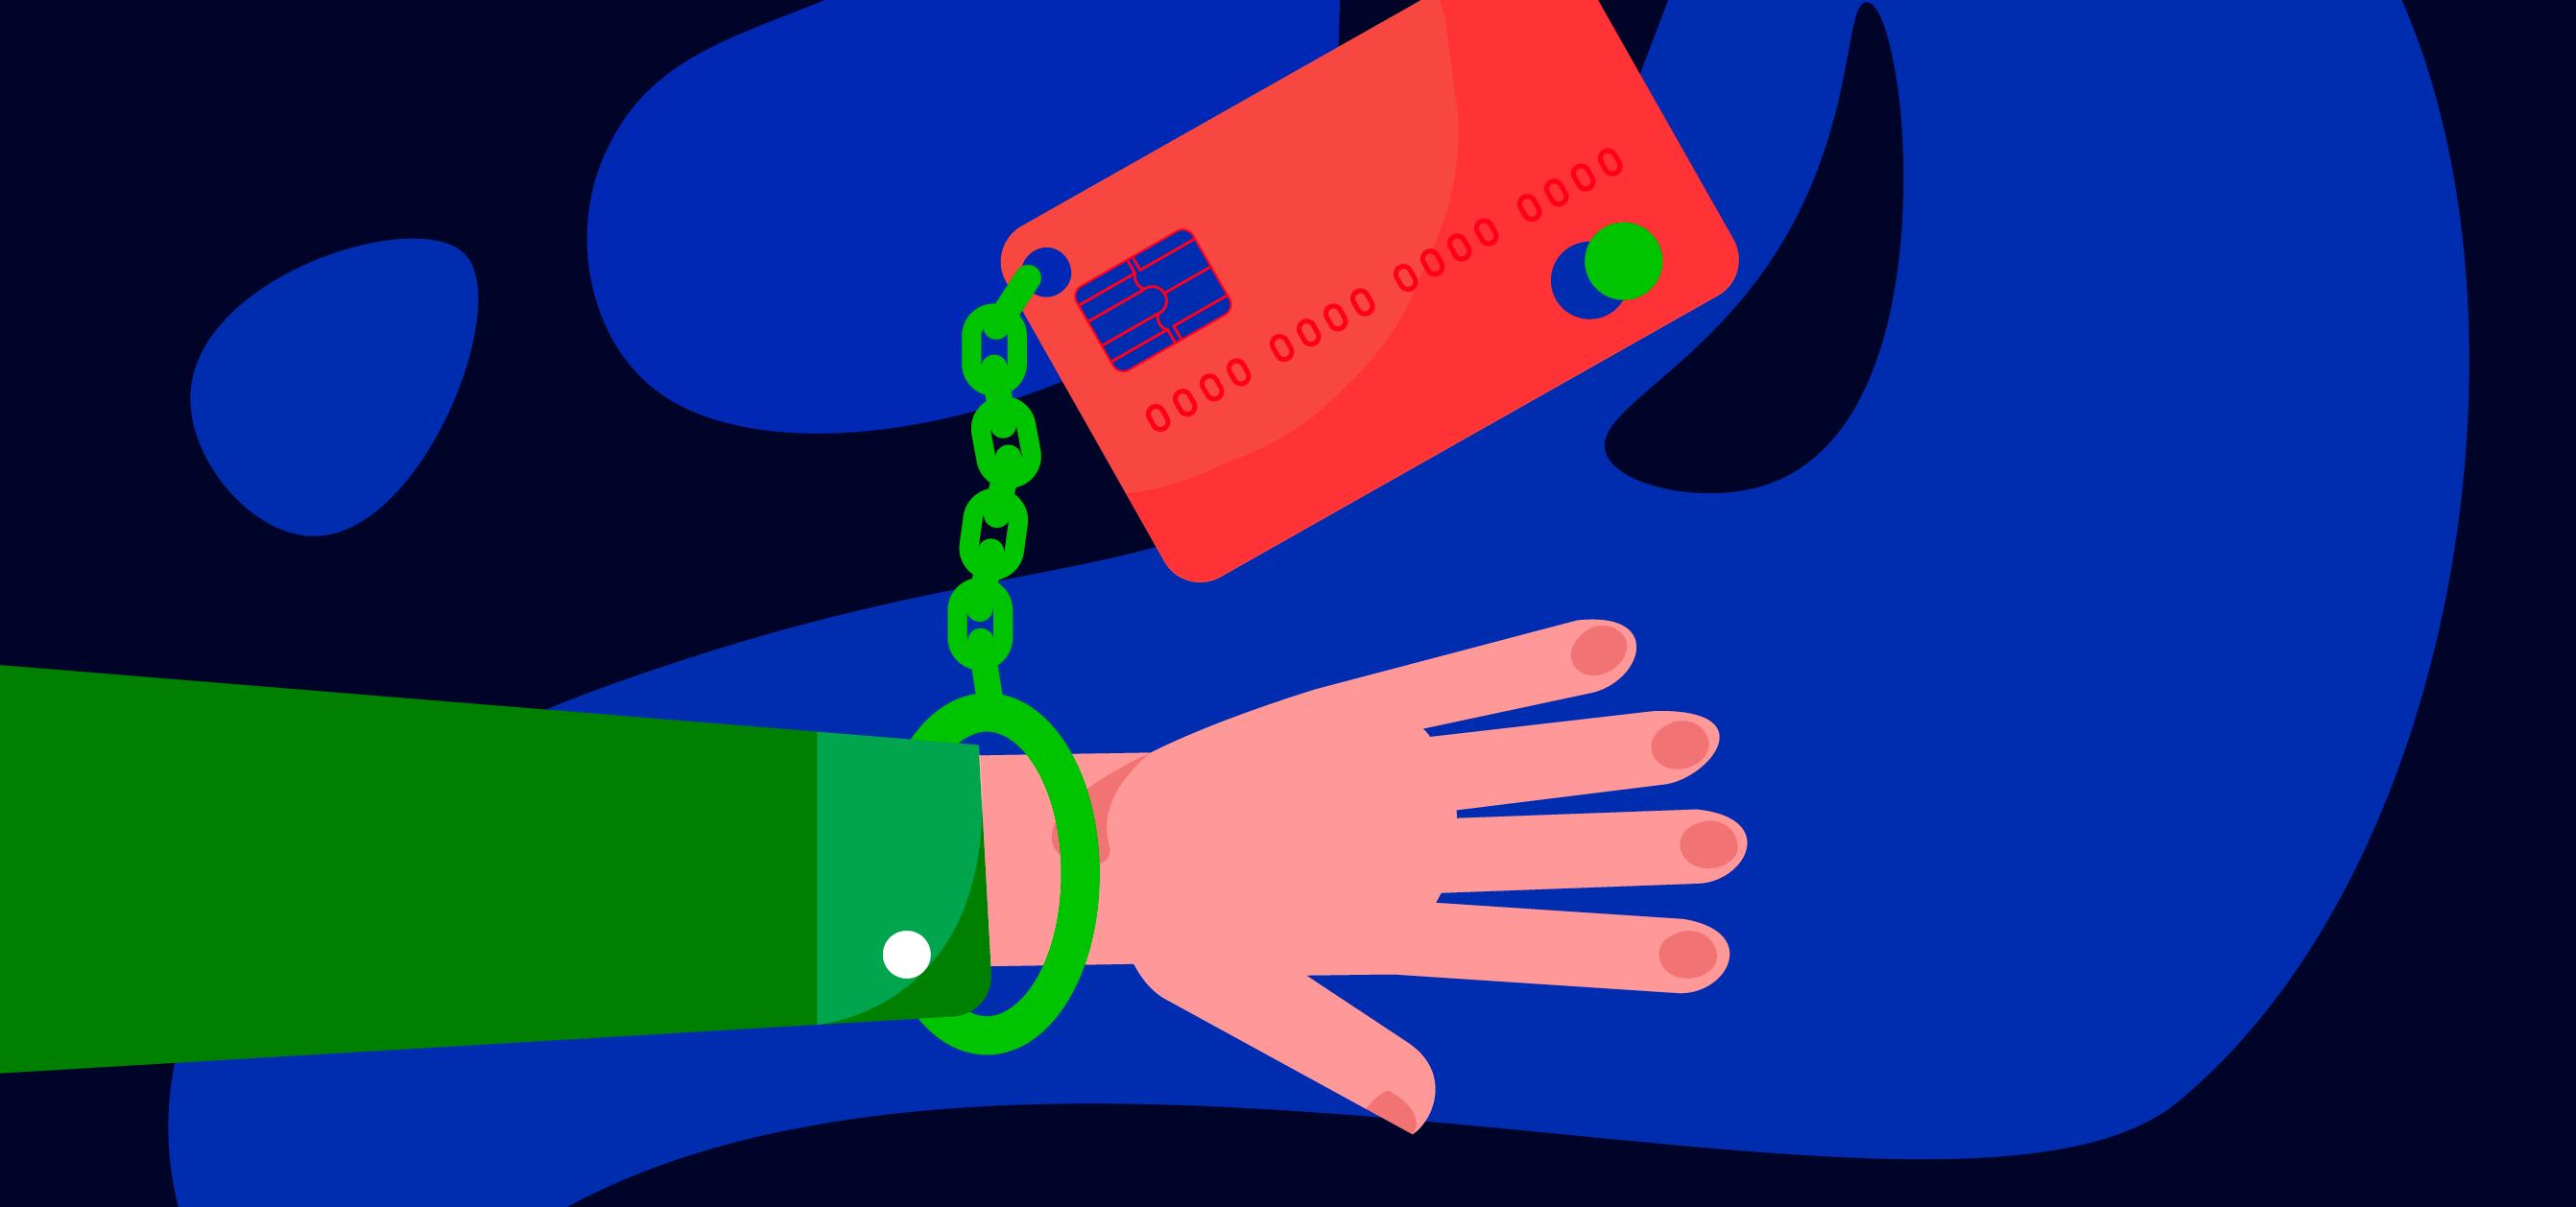 через какое время аннулируется кредит